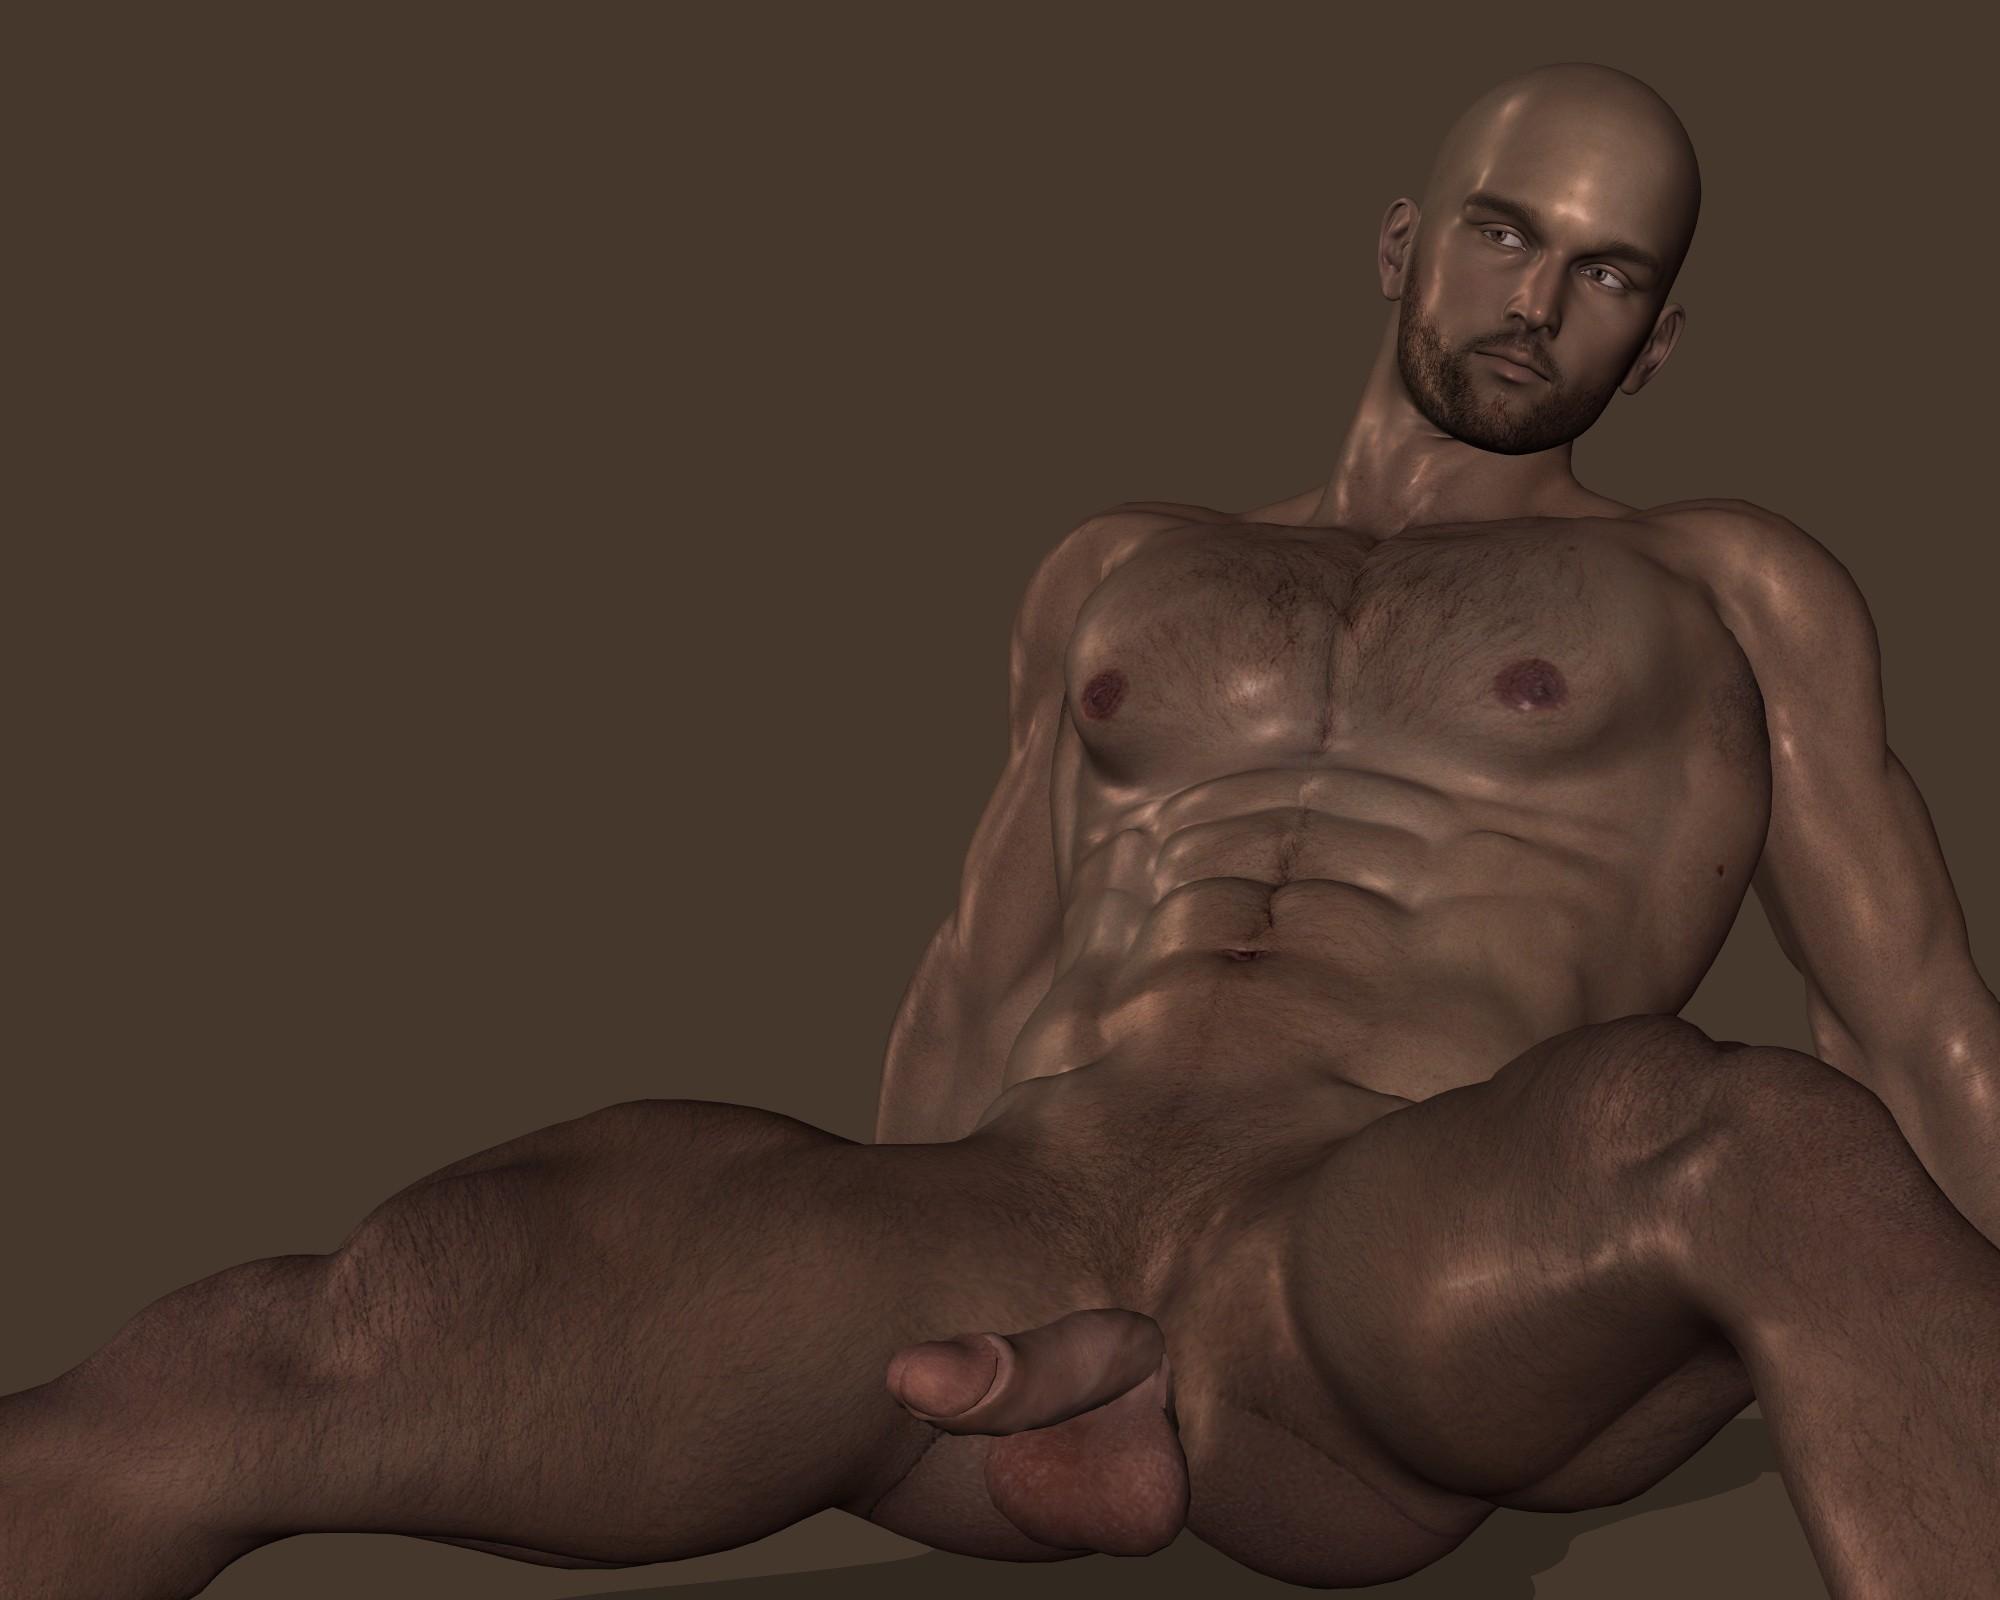 Sims gay sex hentay pics